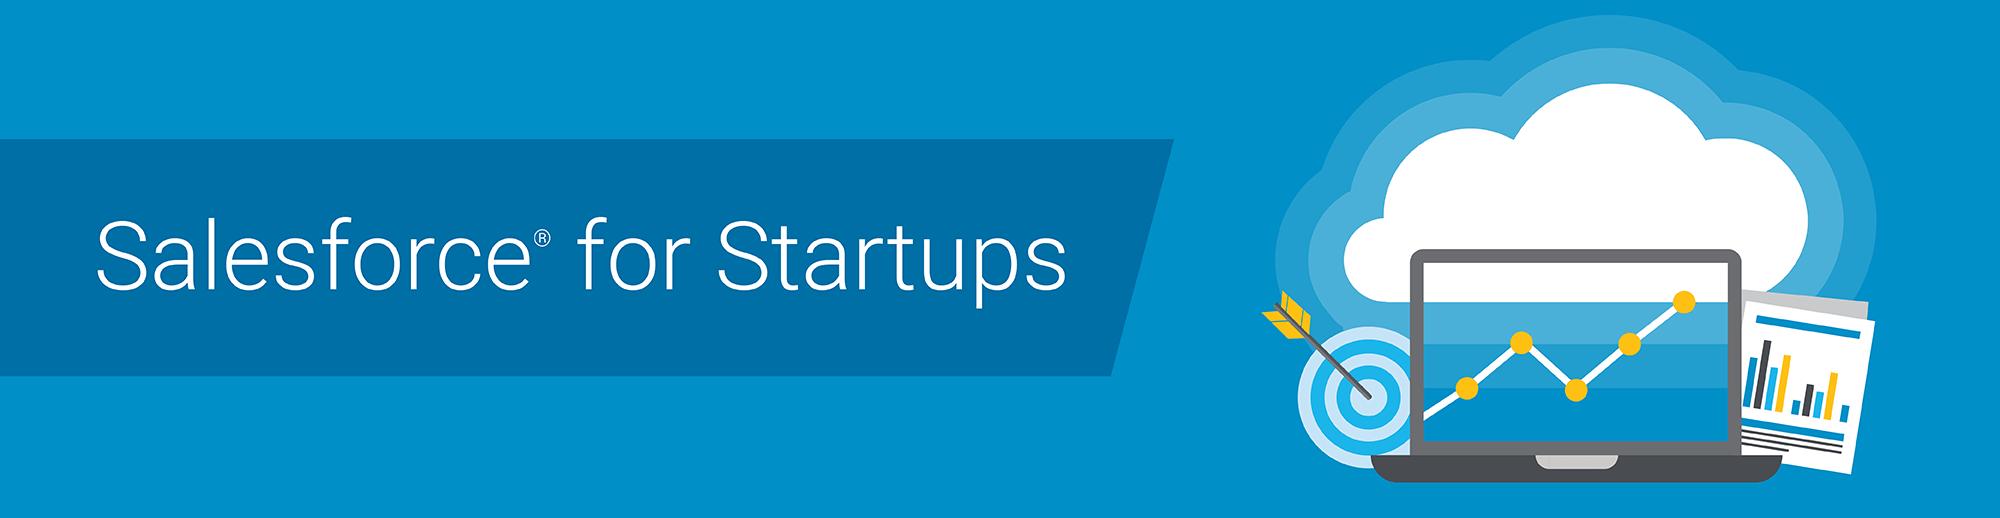 Salesforce for startups